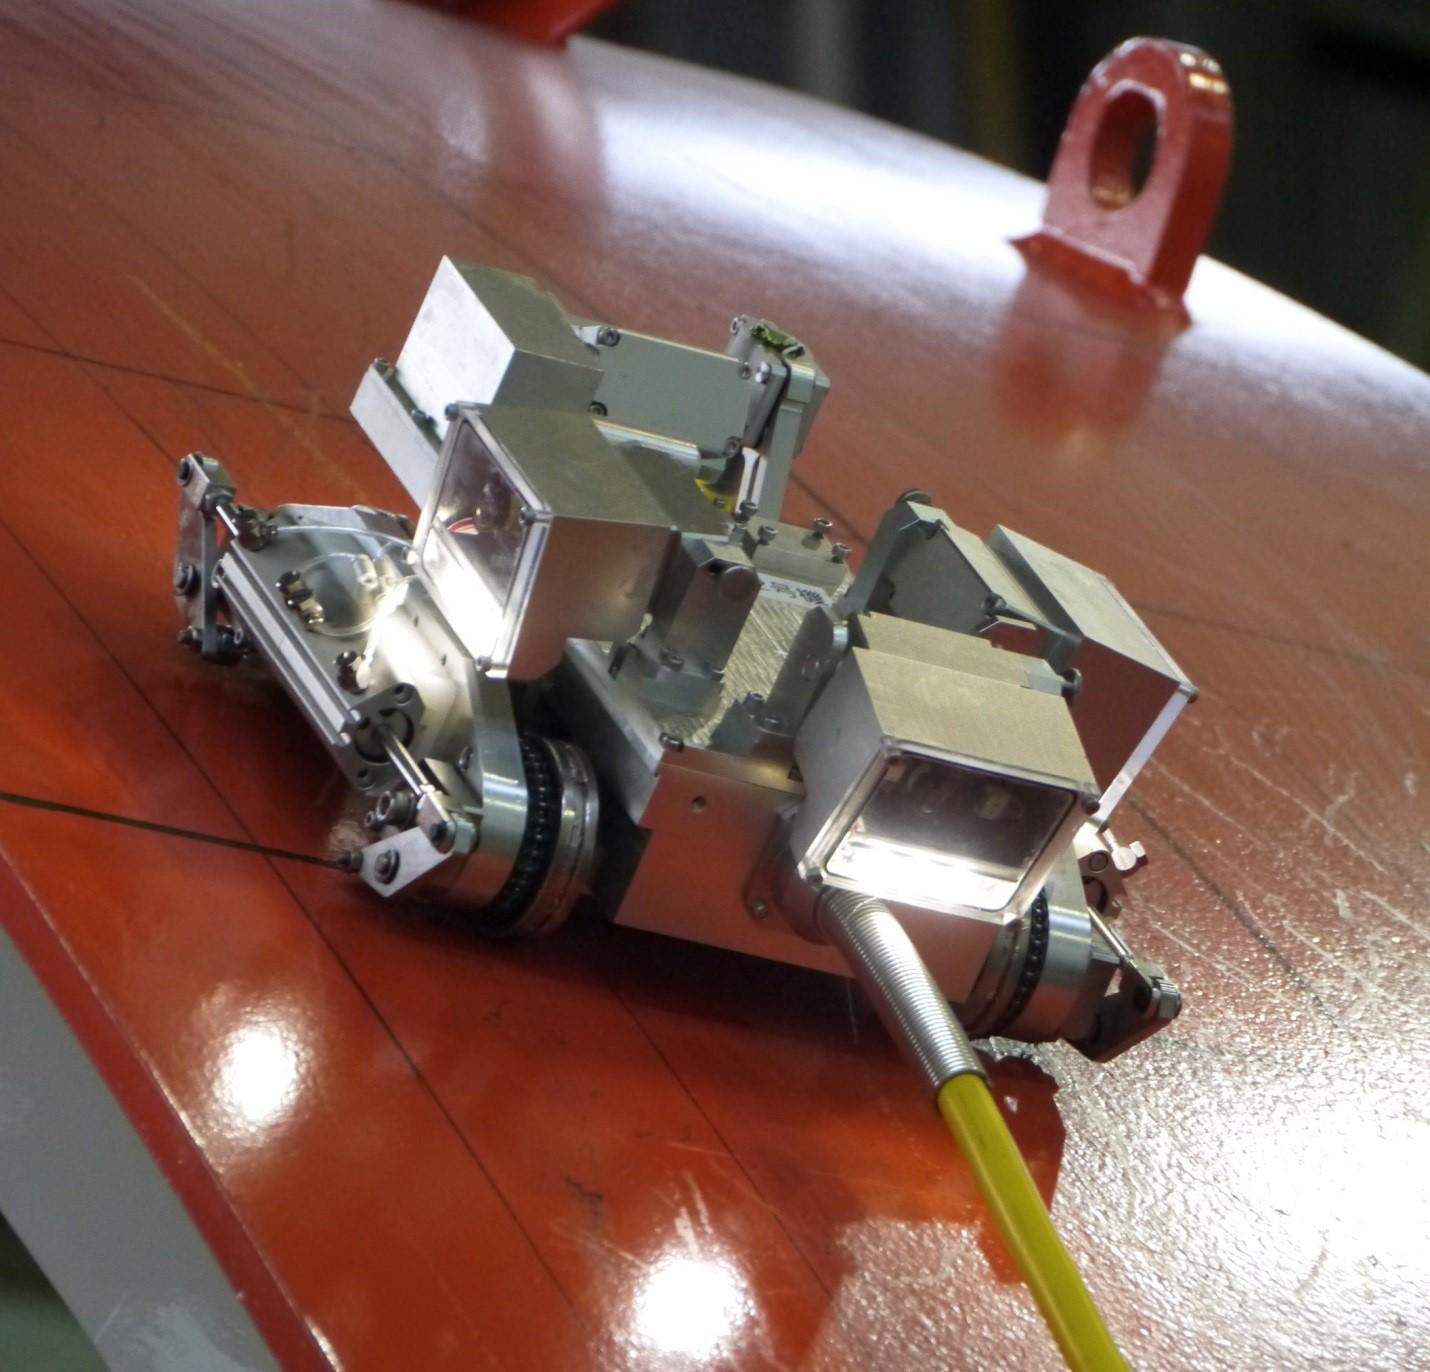 Не луноходы и не джокеры. Что мы знаем о роботах на Фукусиме - 6